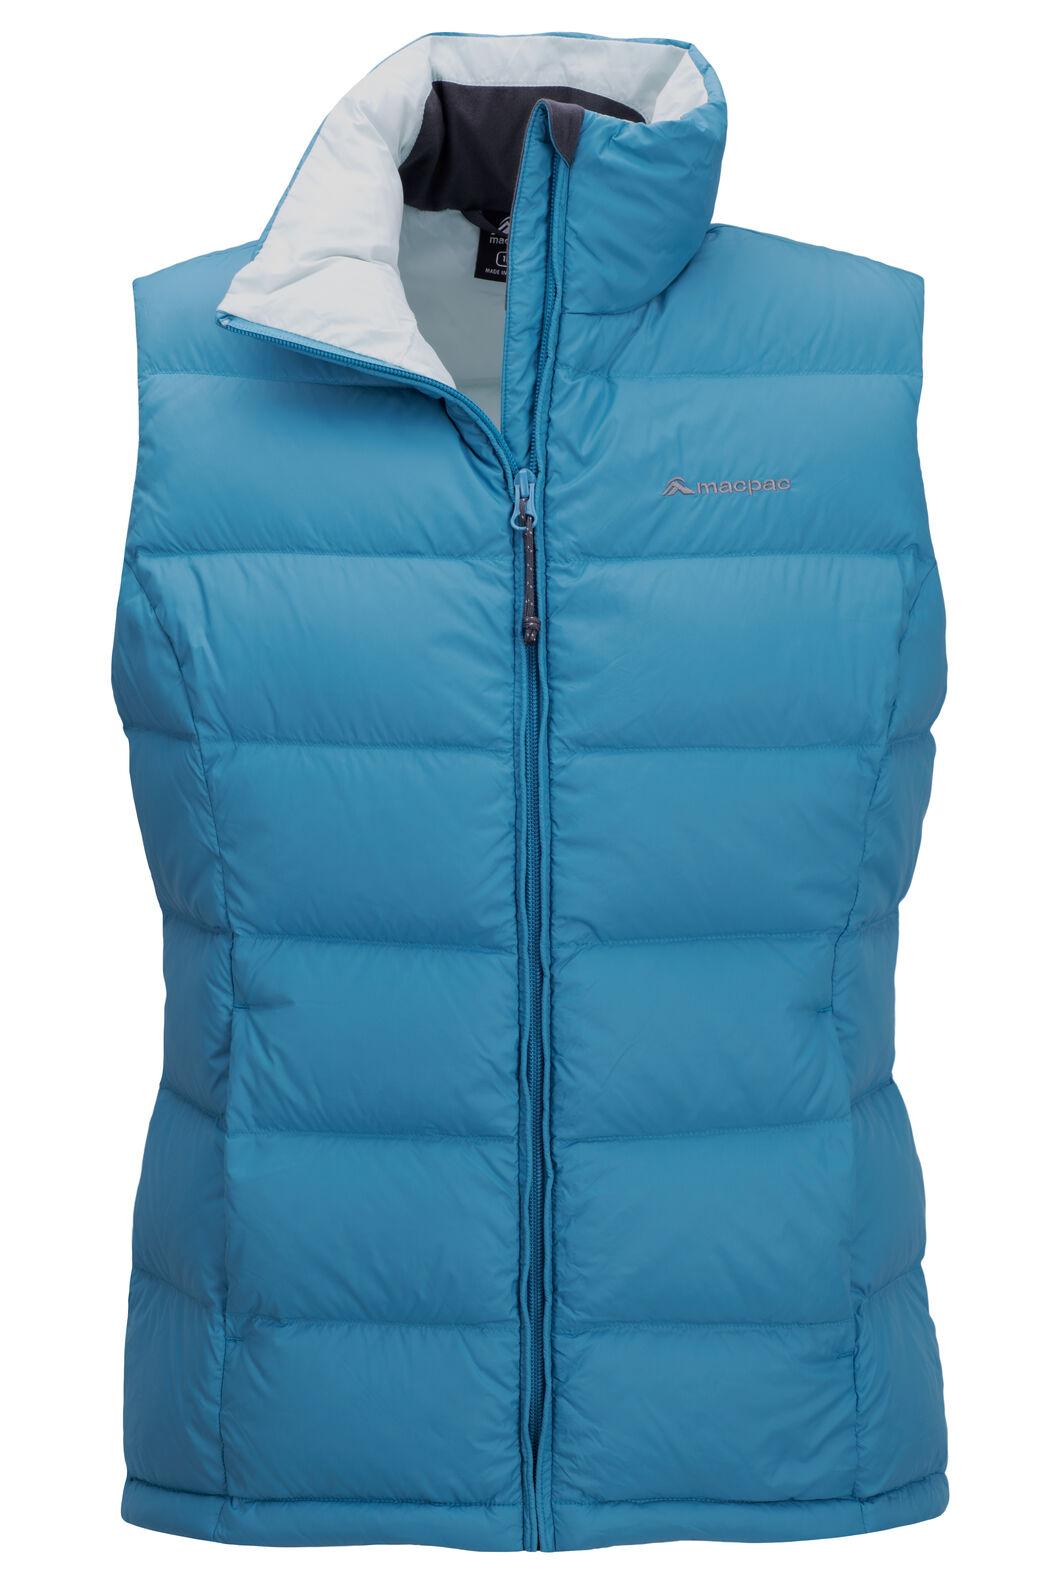 Macpac Women's Halo Down Vest, Blue Moon, hi-res